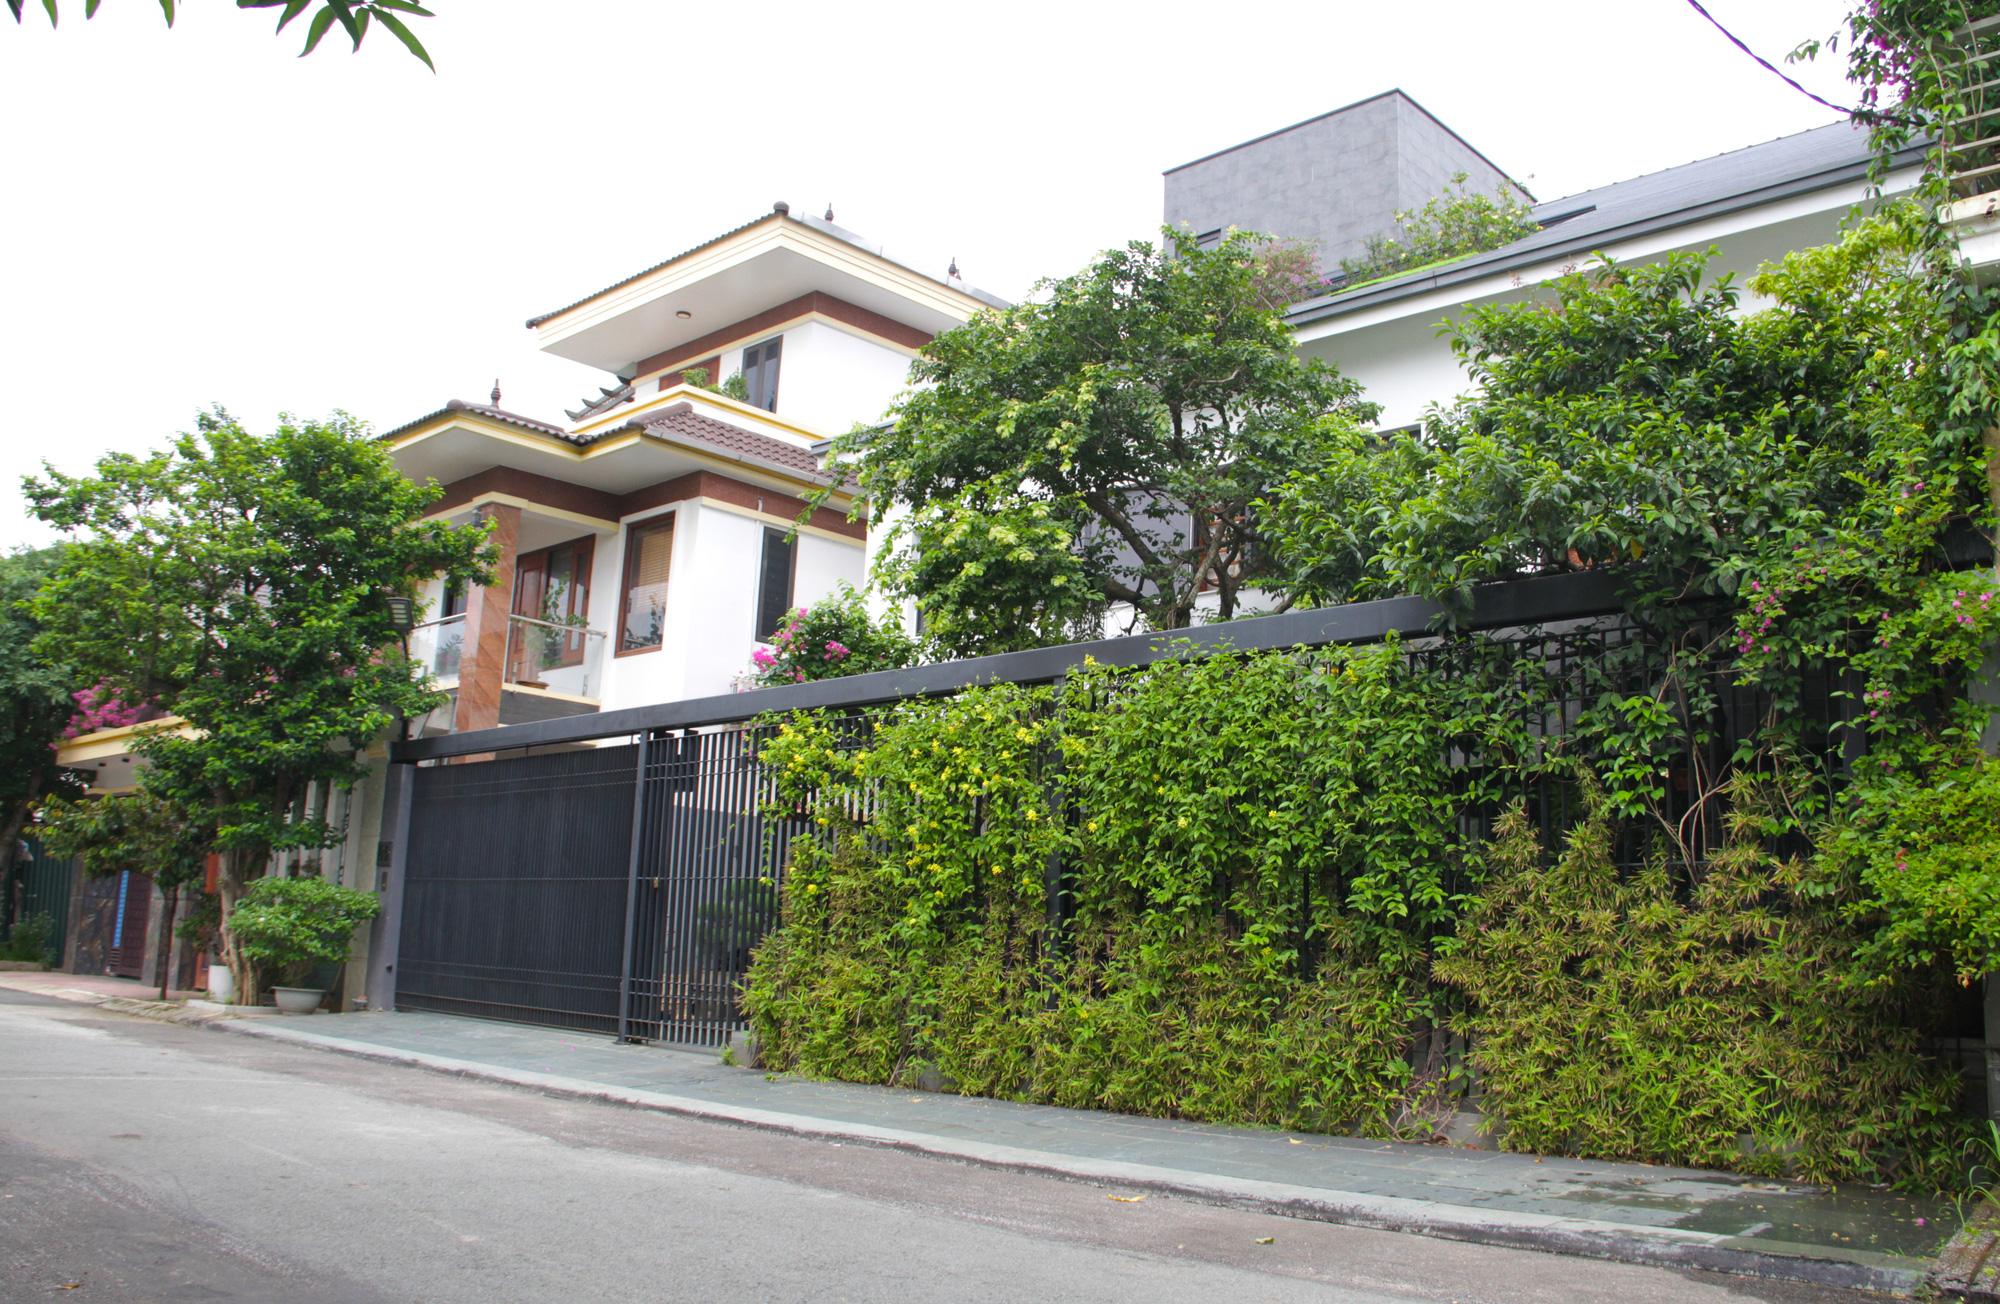 Cận cảnh khu đô thị vip ở Nghệ An khiến 2 vợ chồng đại gia bị bắt giam - Ảnh 4.